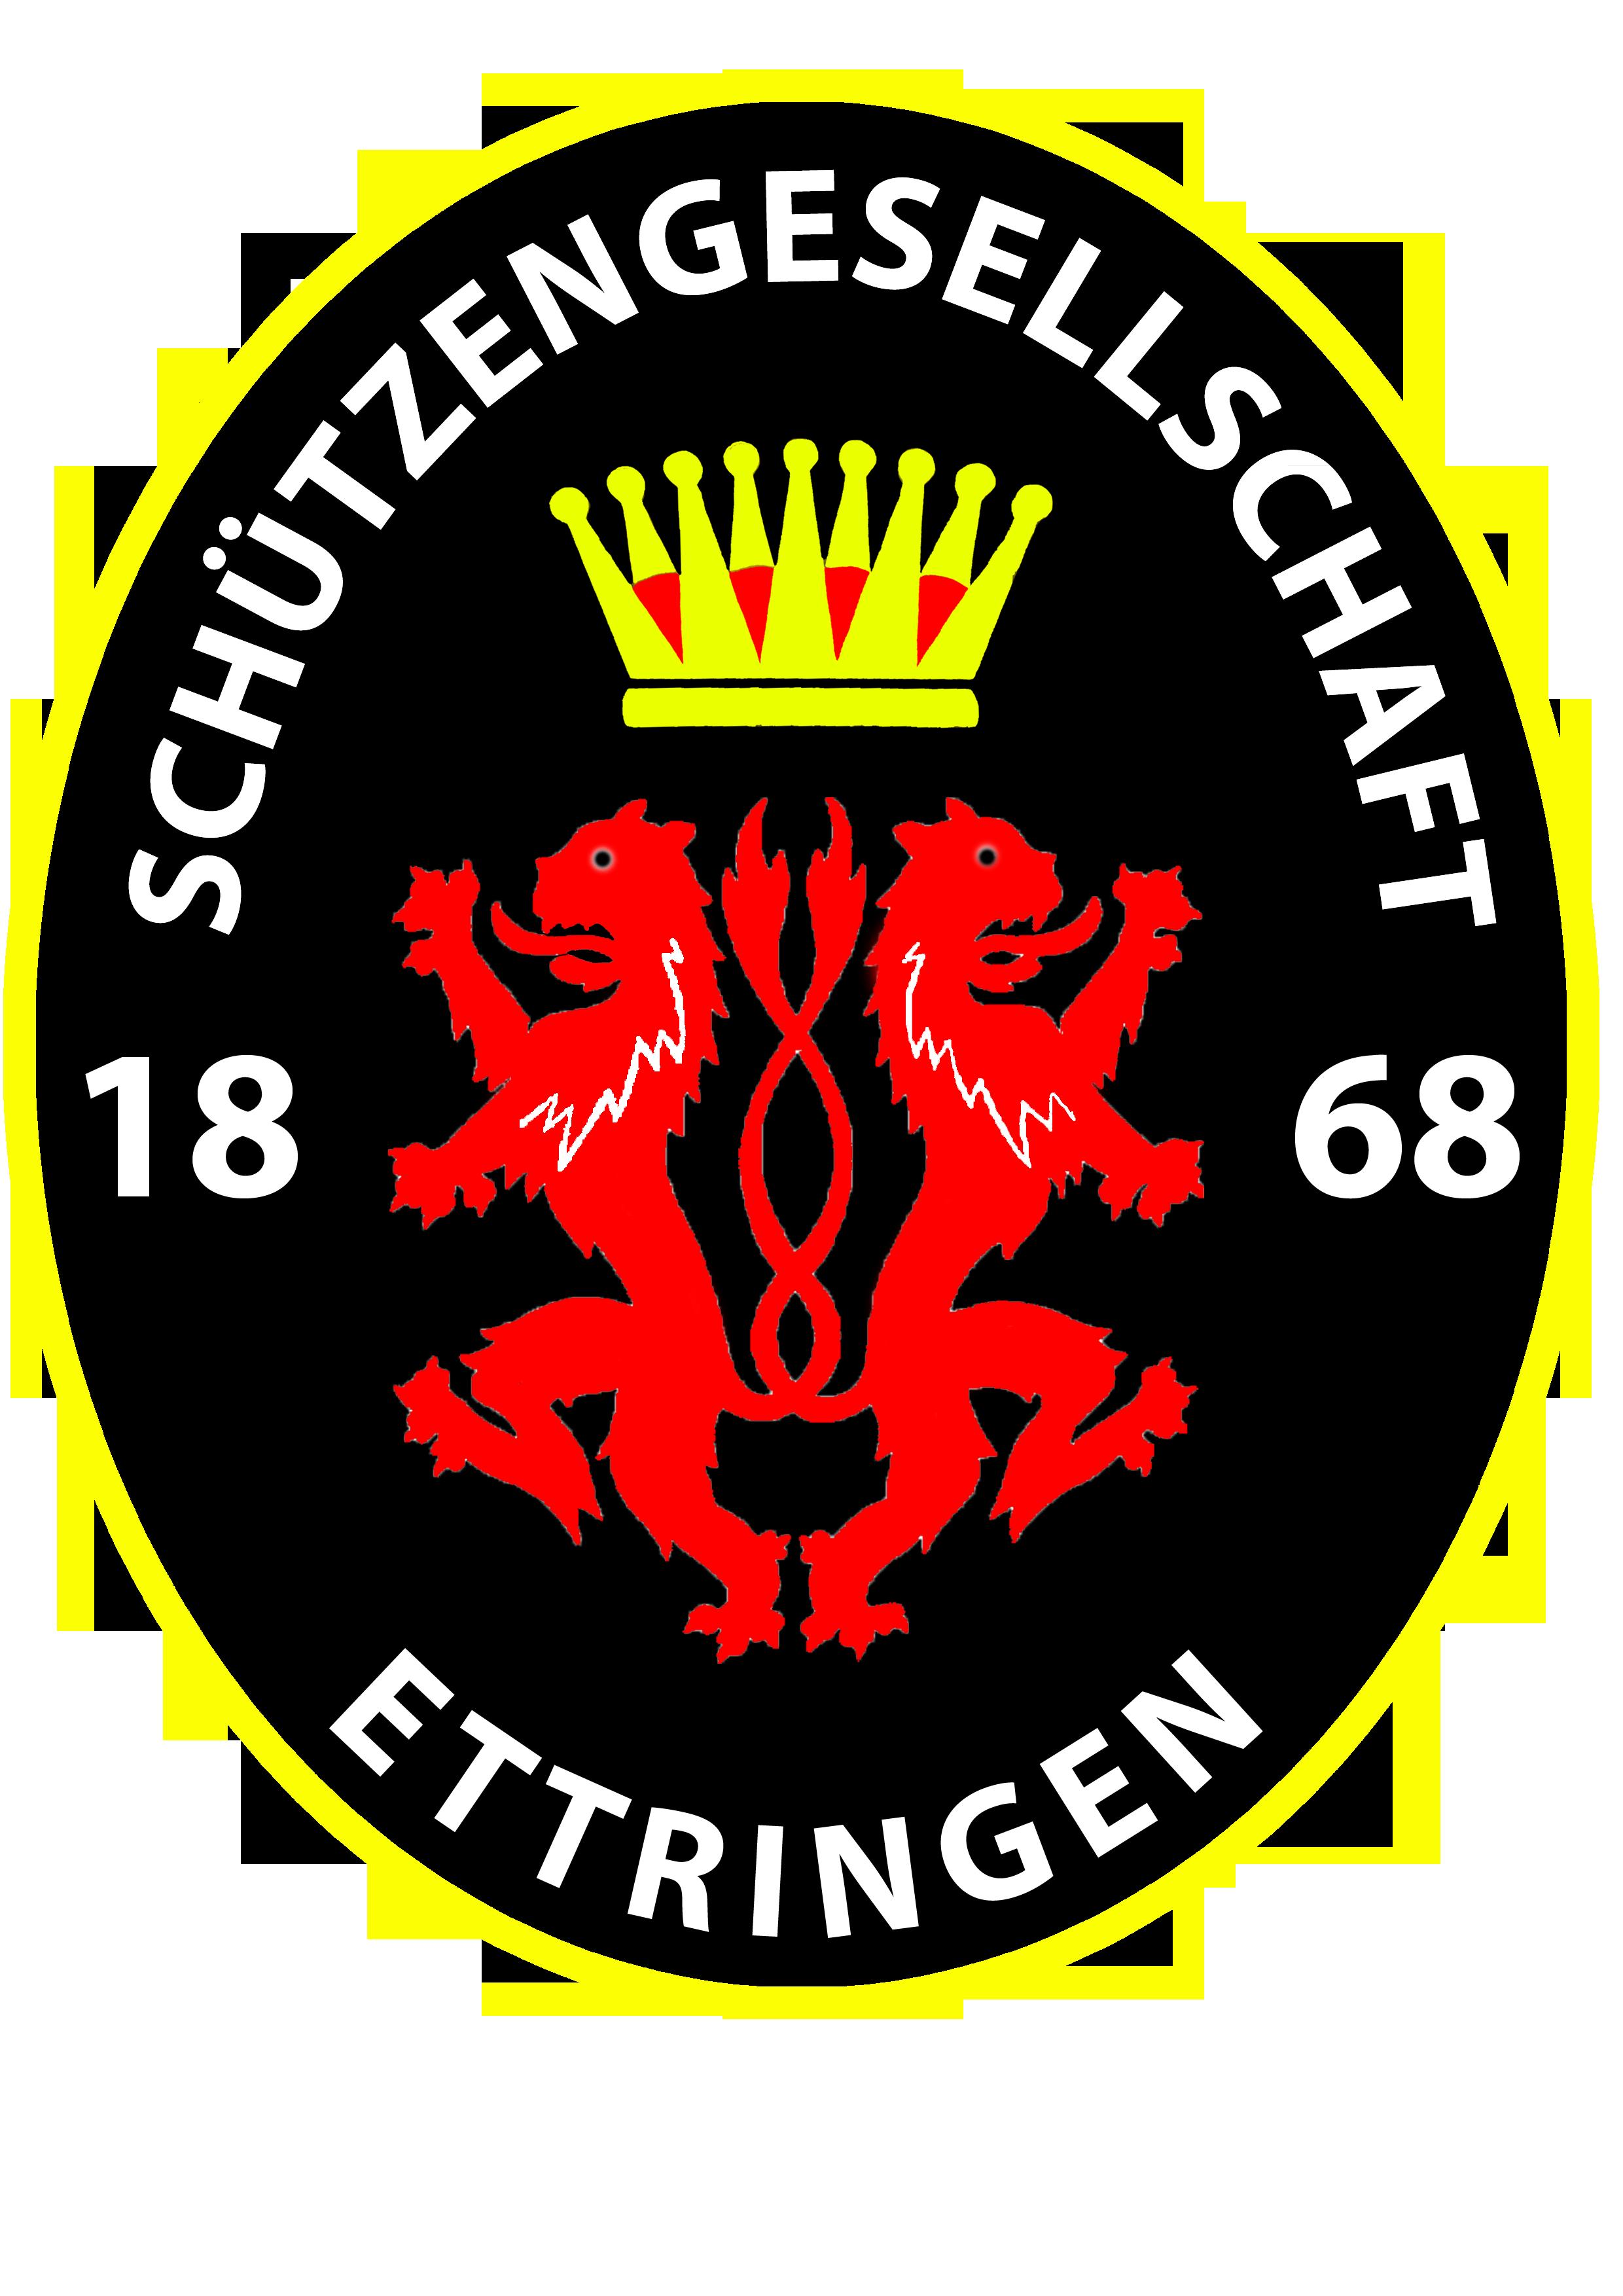 Rechberg-Rothenlöwen Ettringen 1